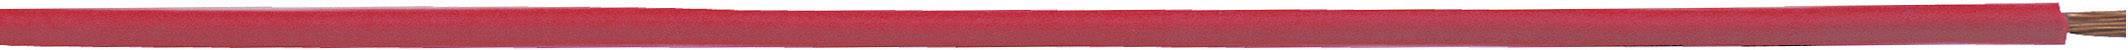 Opletenie / lanko LappKabel 4510063S H05V-K, 1 x 1 mm², vonkajší Ø 2.80 mm, 250 m, sivá